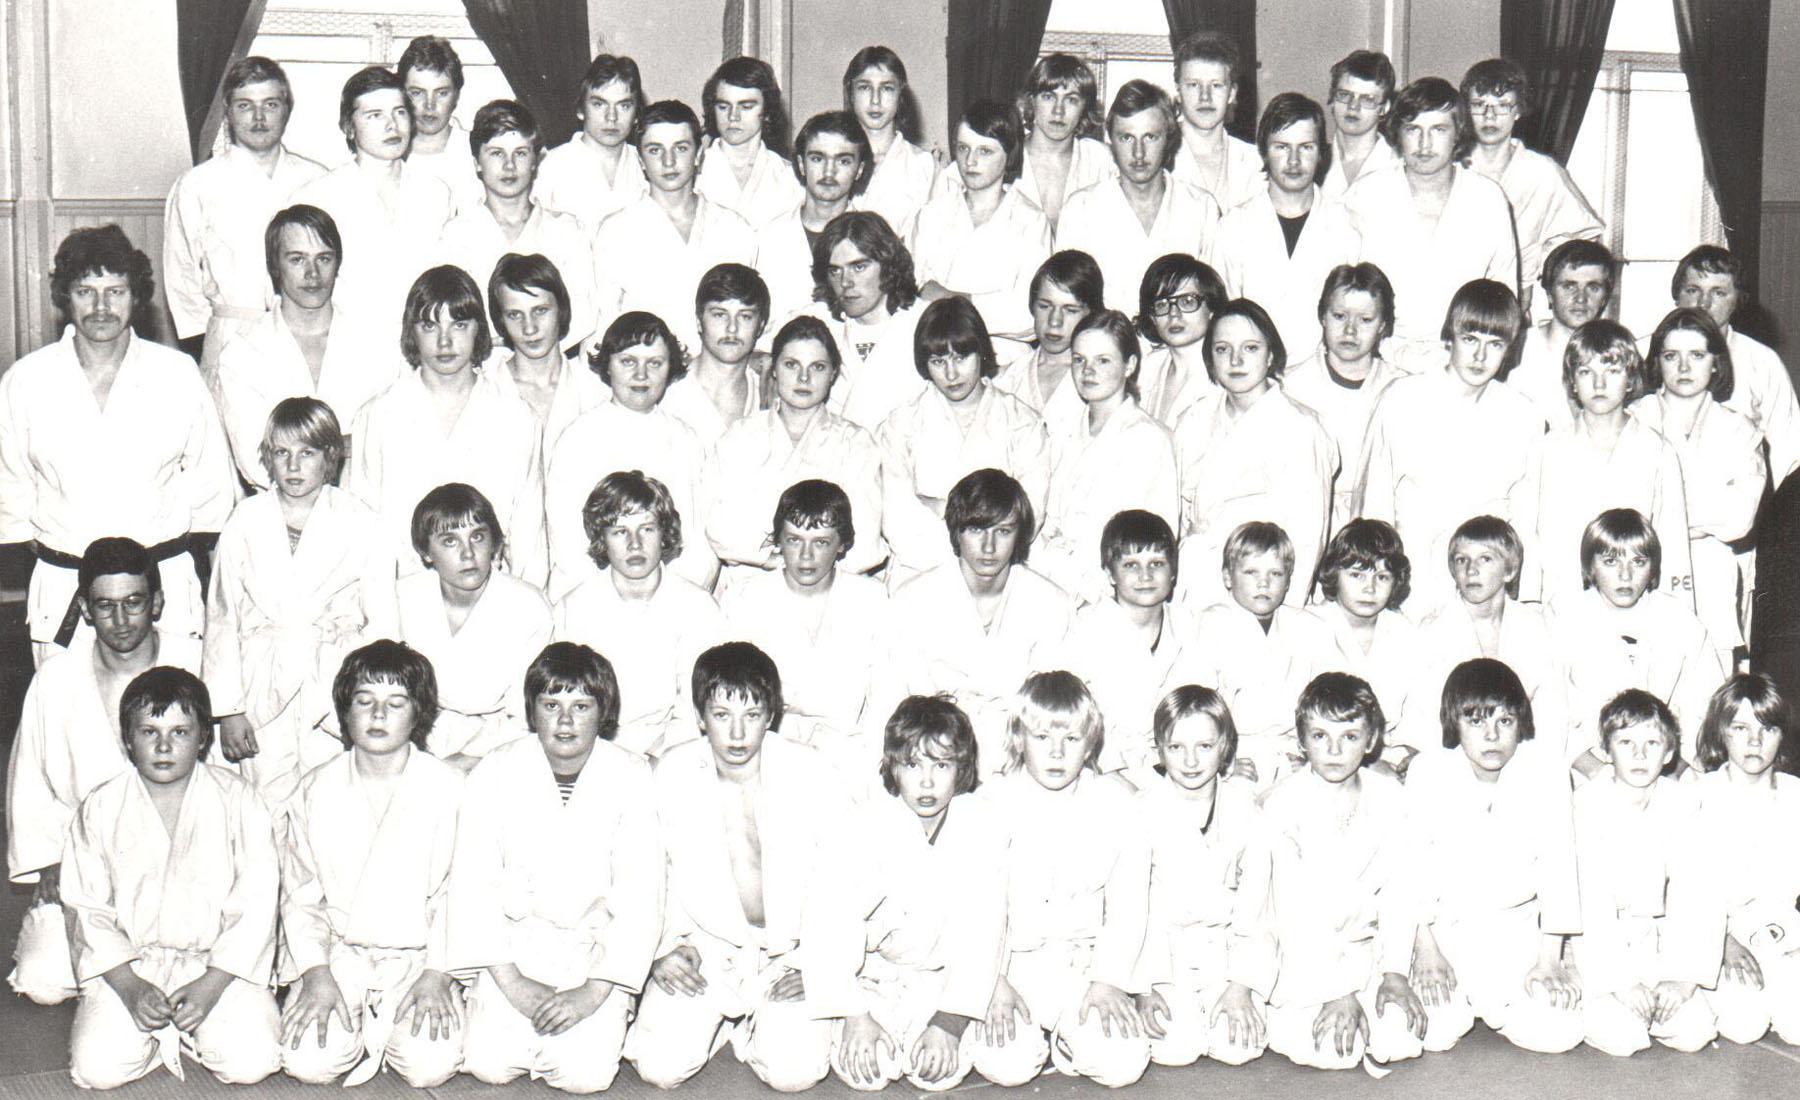 Ensimmäisen judokurssin osallistujia